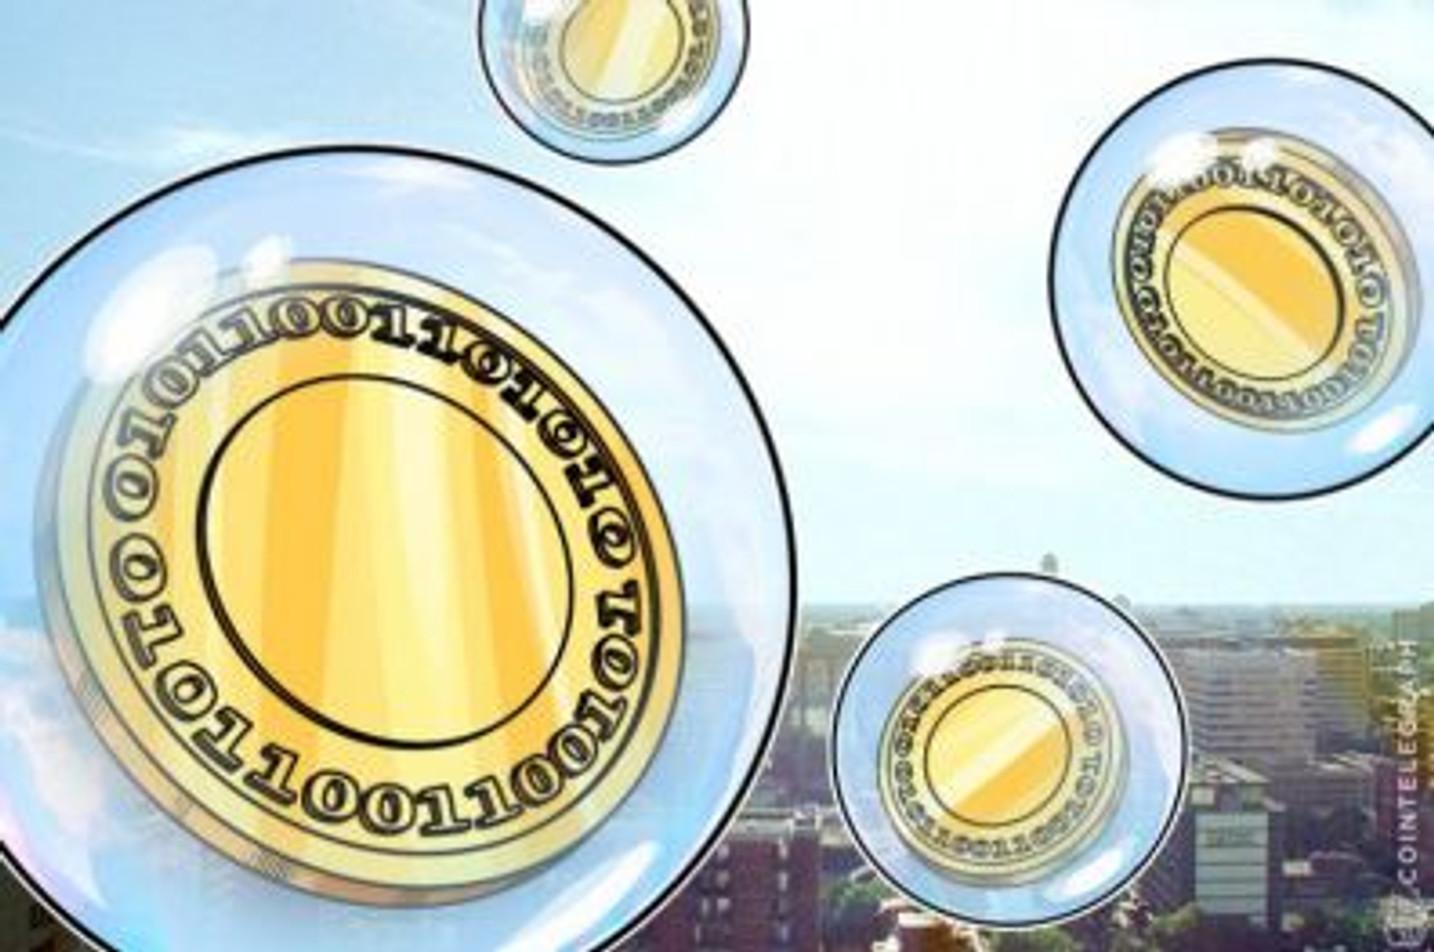 El presupuesto del Senado 2018 agrega $1.5 trillones a la deuda nacional: ¿Burbuja Bitcoin?